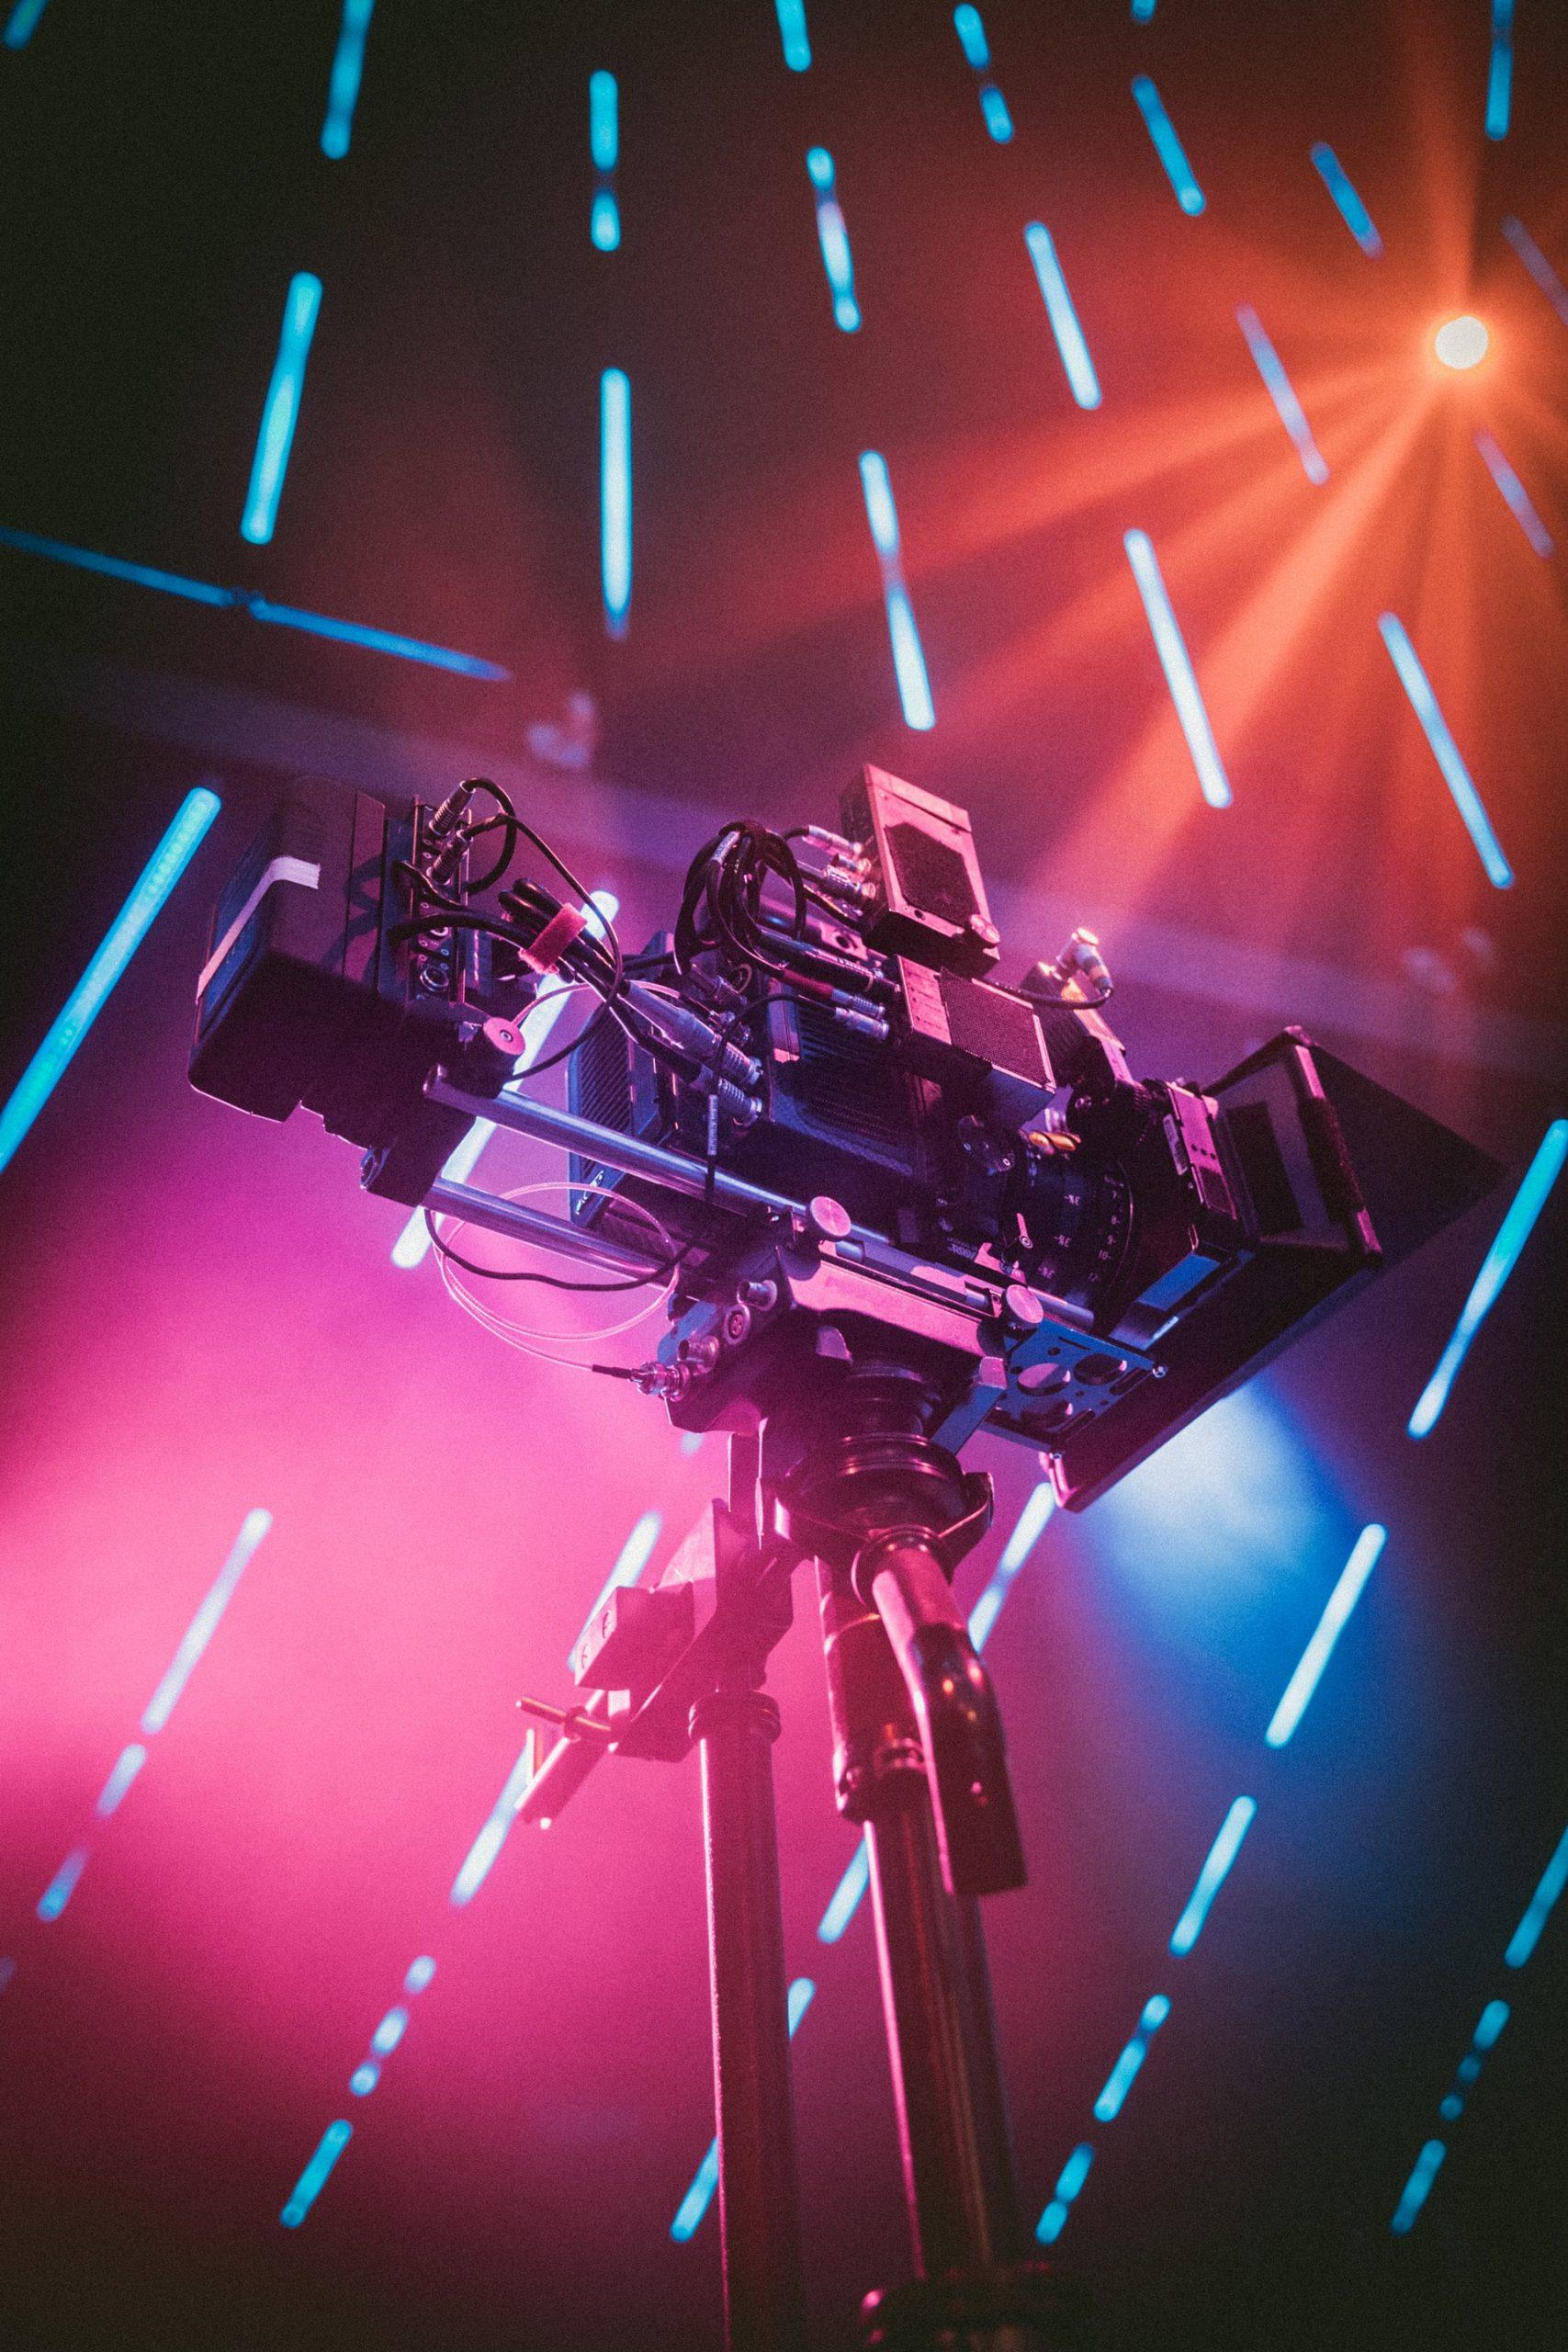 big-camera